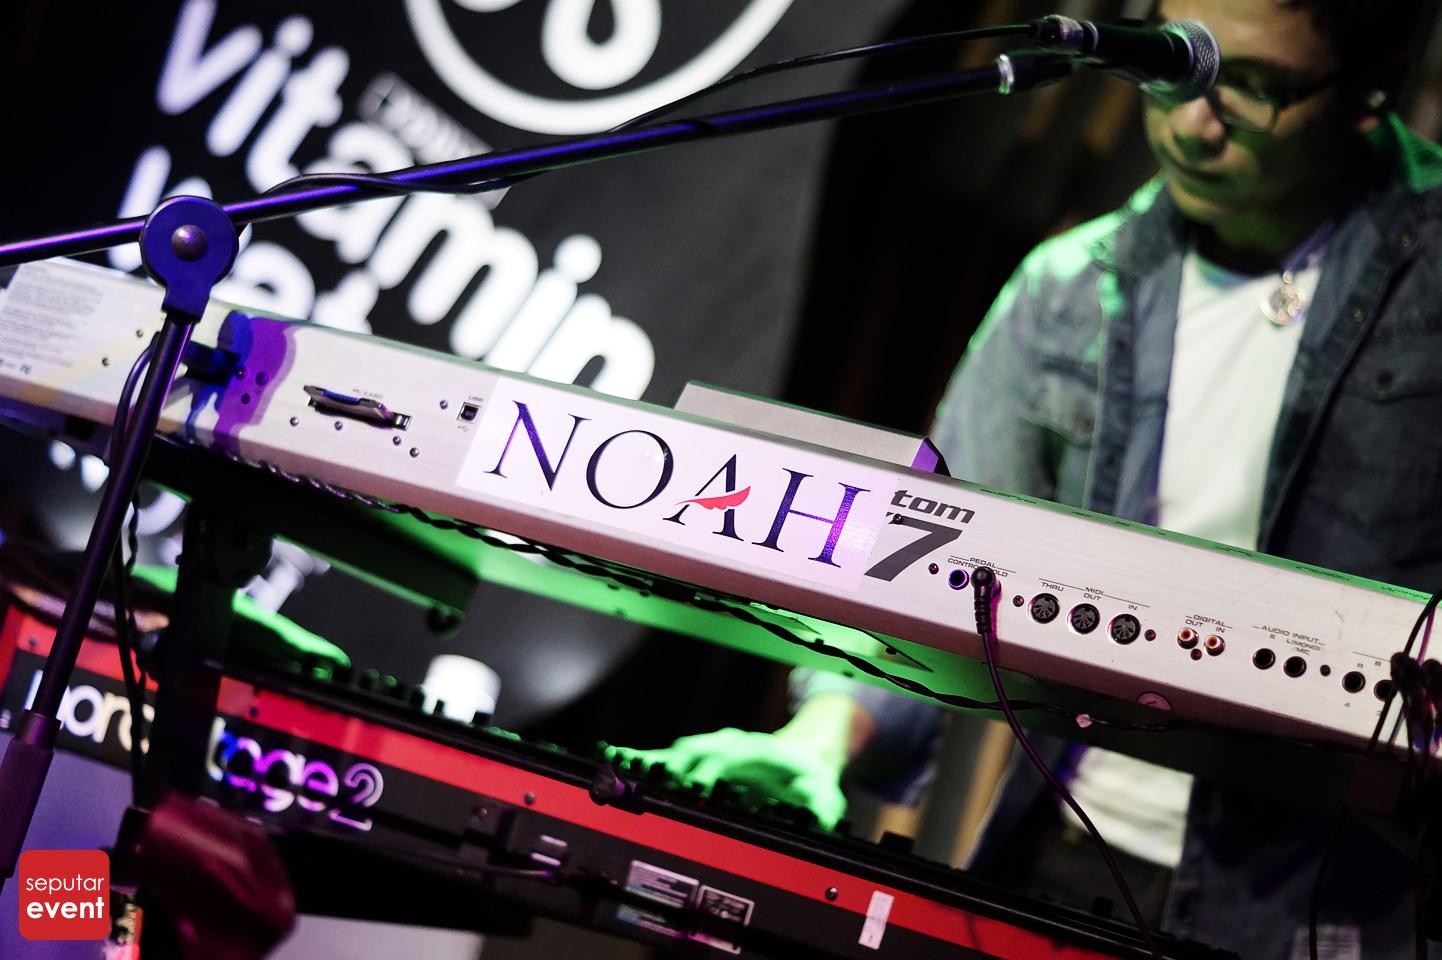 konser-noah-you-c-2014 (6).JPG